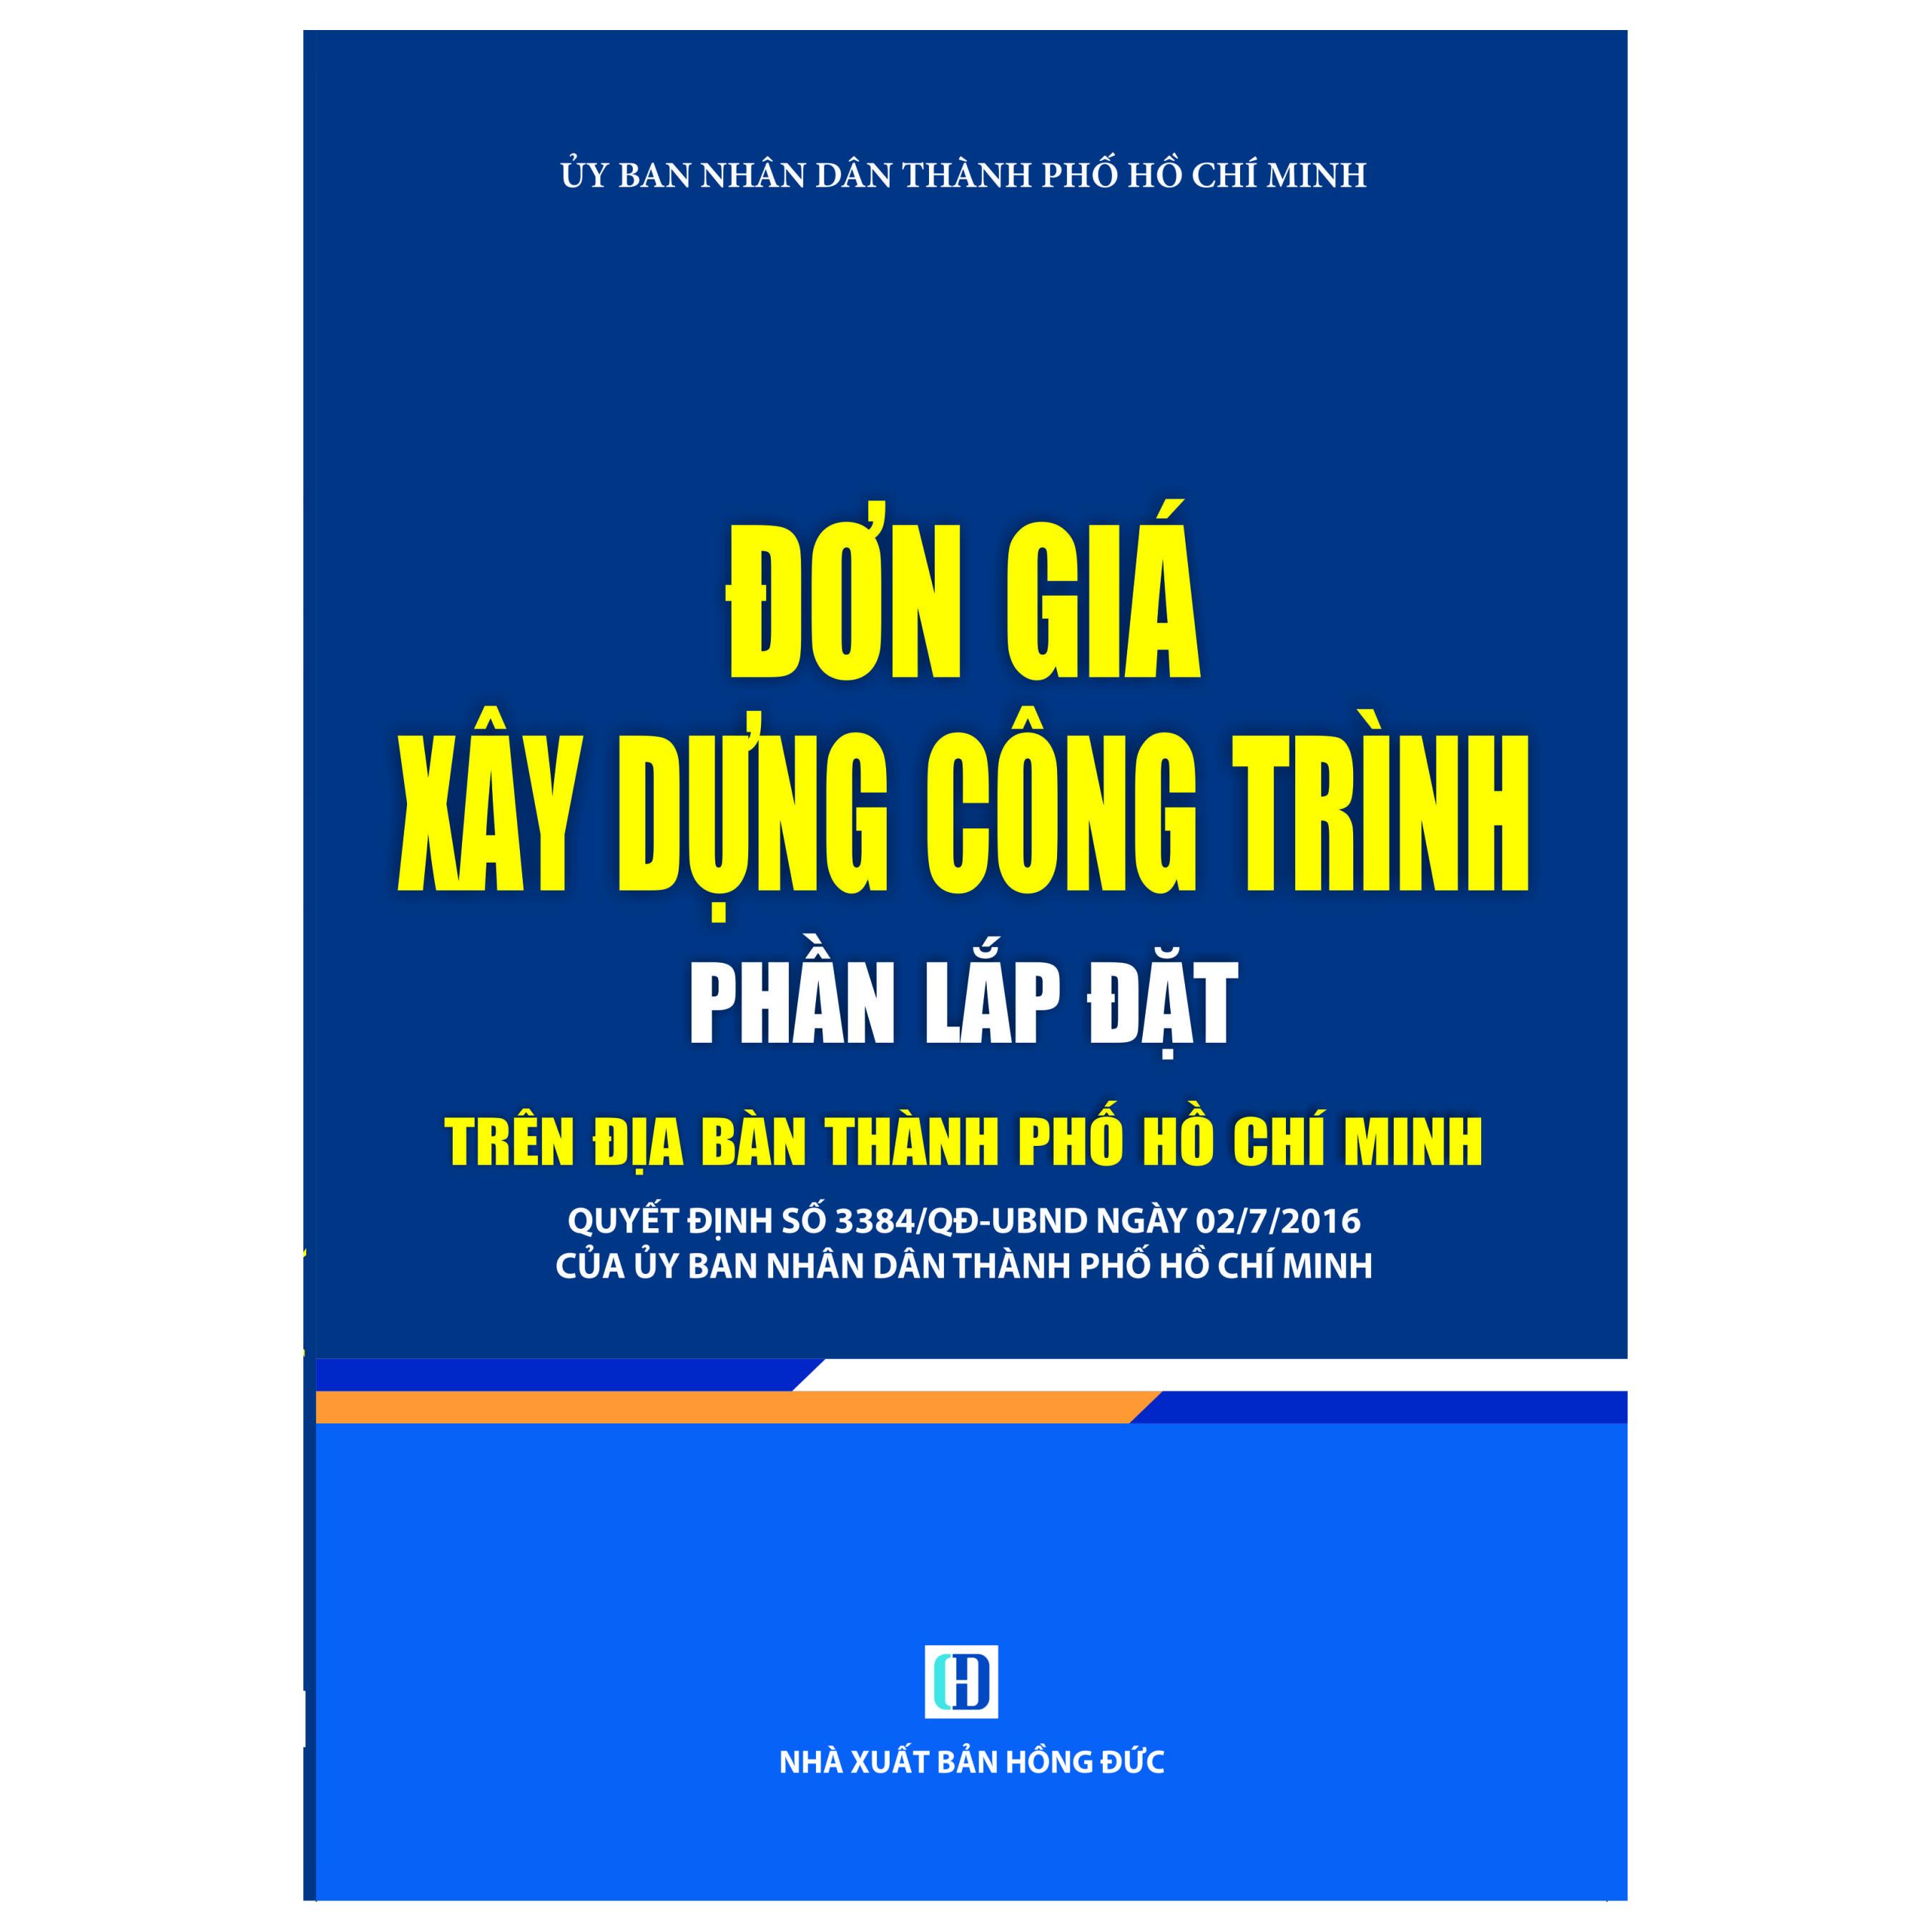 Đơn Giá Xây Dựng Công Trình- Phần Lắp Đặt Trên Địa Bàn Thành Phố Hồ Chí Minh - 974303 , 2612607948913 , 62_2429911 , 295000 , Don-Gia-Xay-Dung-Cong-Trinh-Phan-Lap-Dat-Tren-Dia-Ban-Thanh-Pho-Ho-Chi-Minh-62_2429911 , tiki.vn , Đơn Giá Xây Dựng Công Trình- Phần Lắp Đặt Trên Địa Bàn Thành Phố Hồ Chí Minh